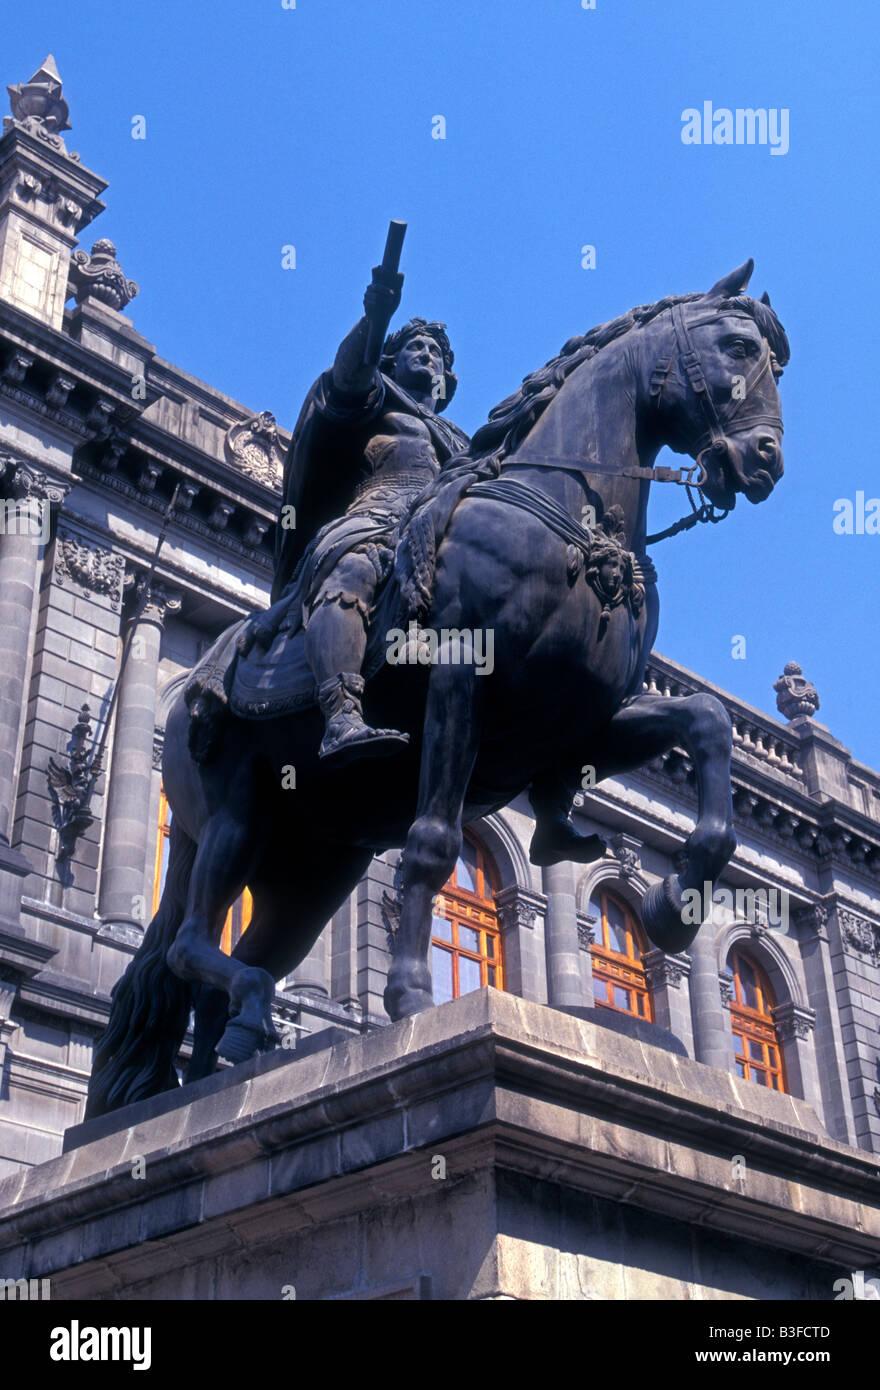 Carlos Iv Imágenes De Stock & Carlos Iv Fotos De Stock - Alamy